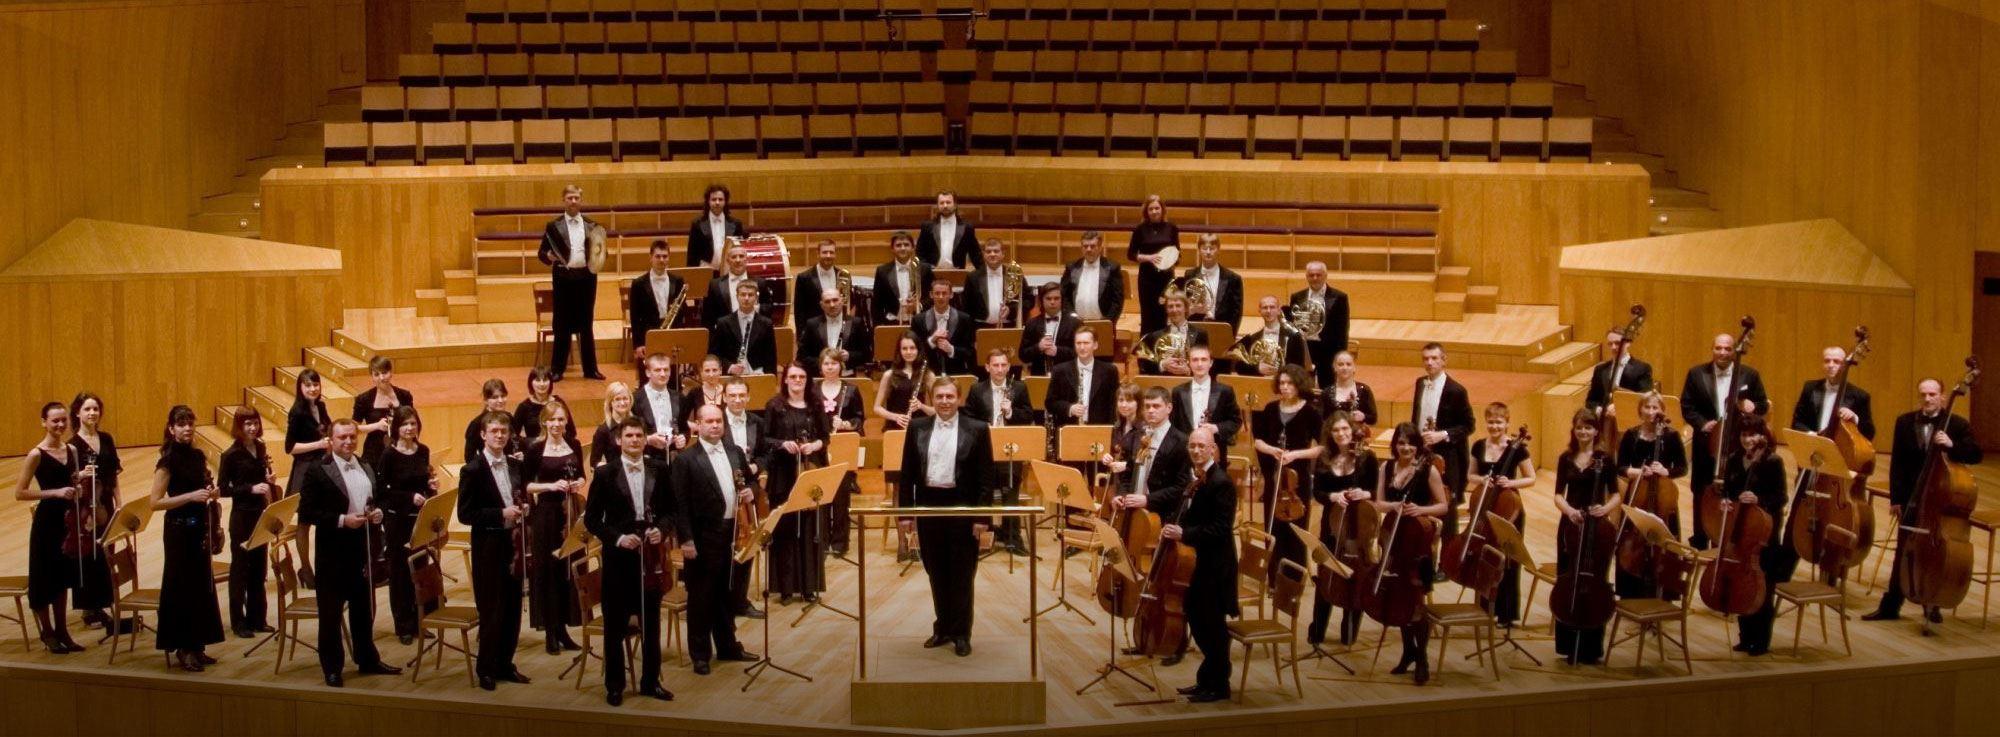 Barletta: Concerto di Capodanno